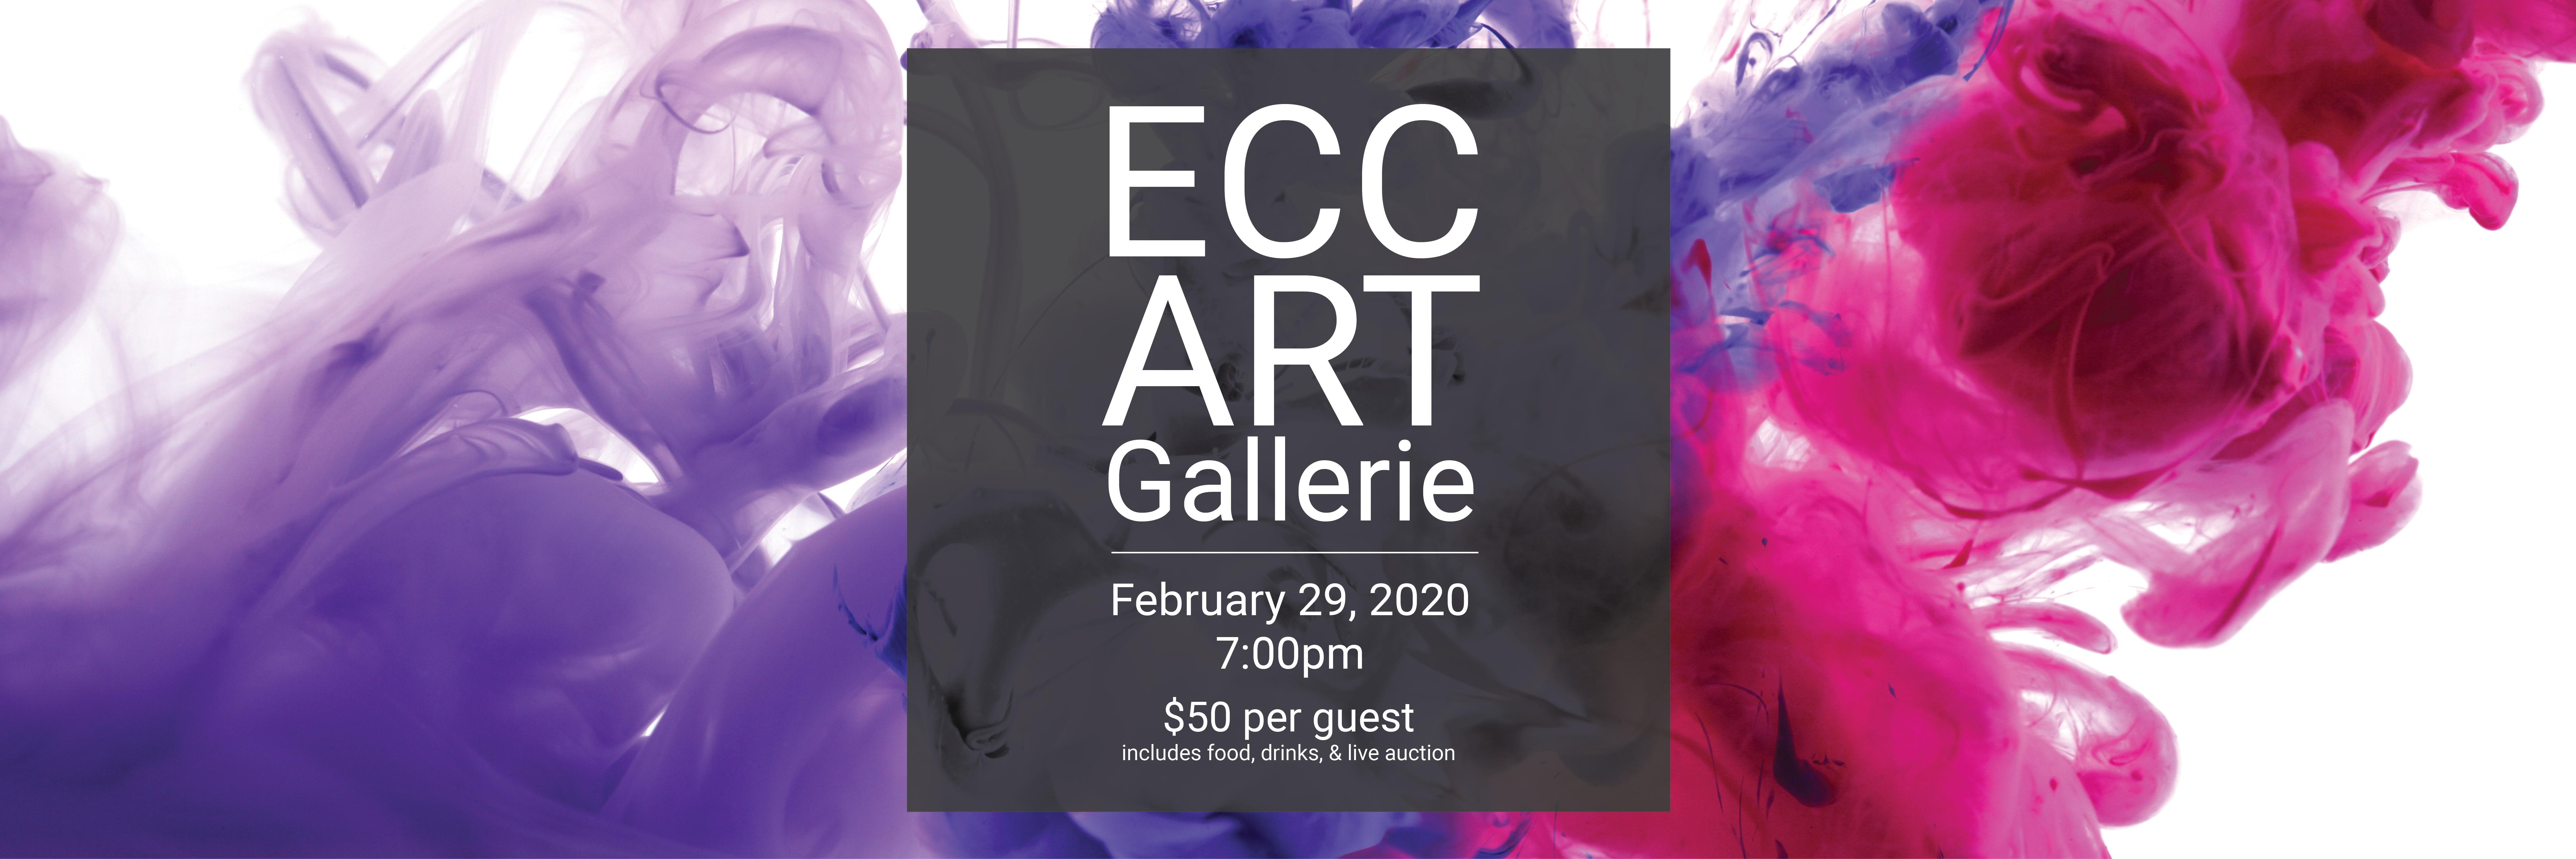 Banner Image for ECC Art Gallerie